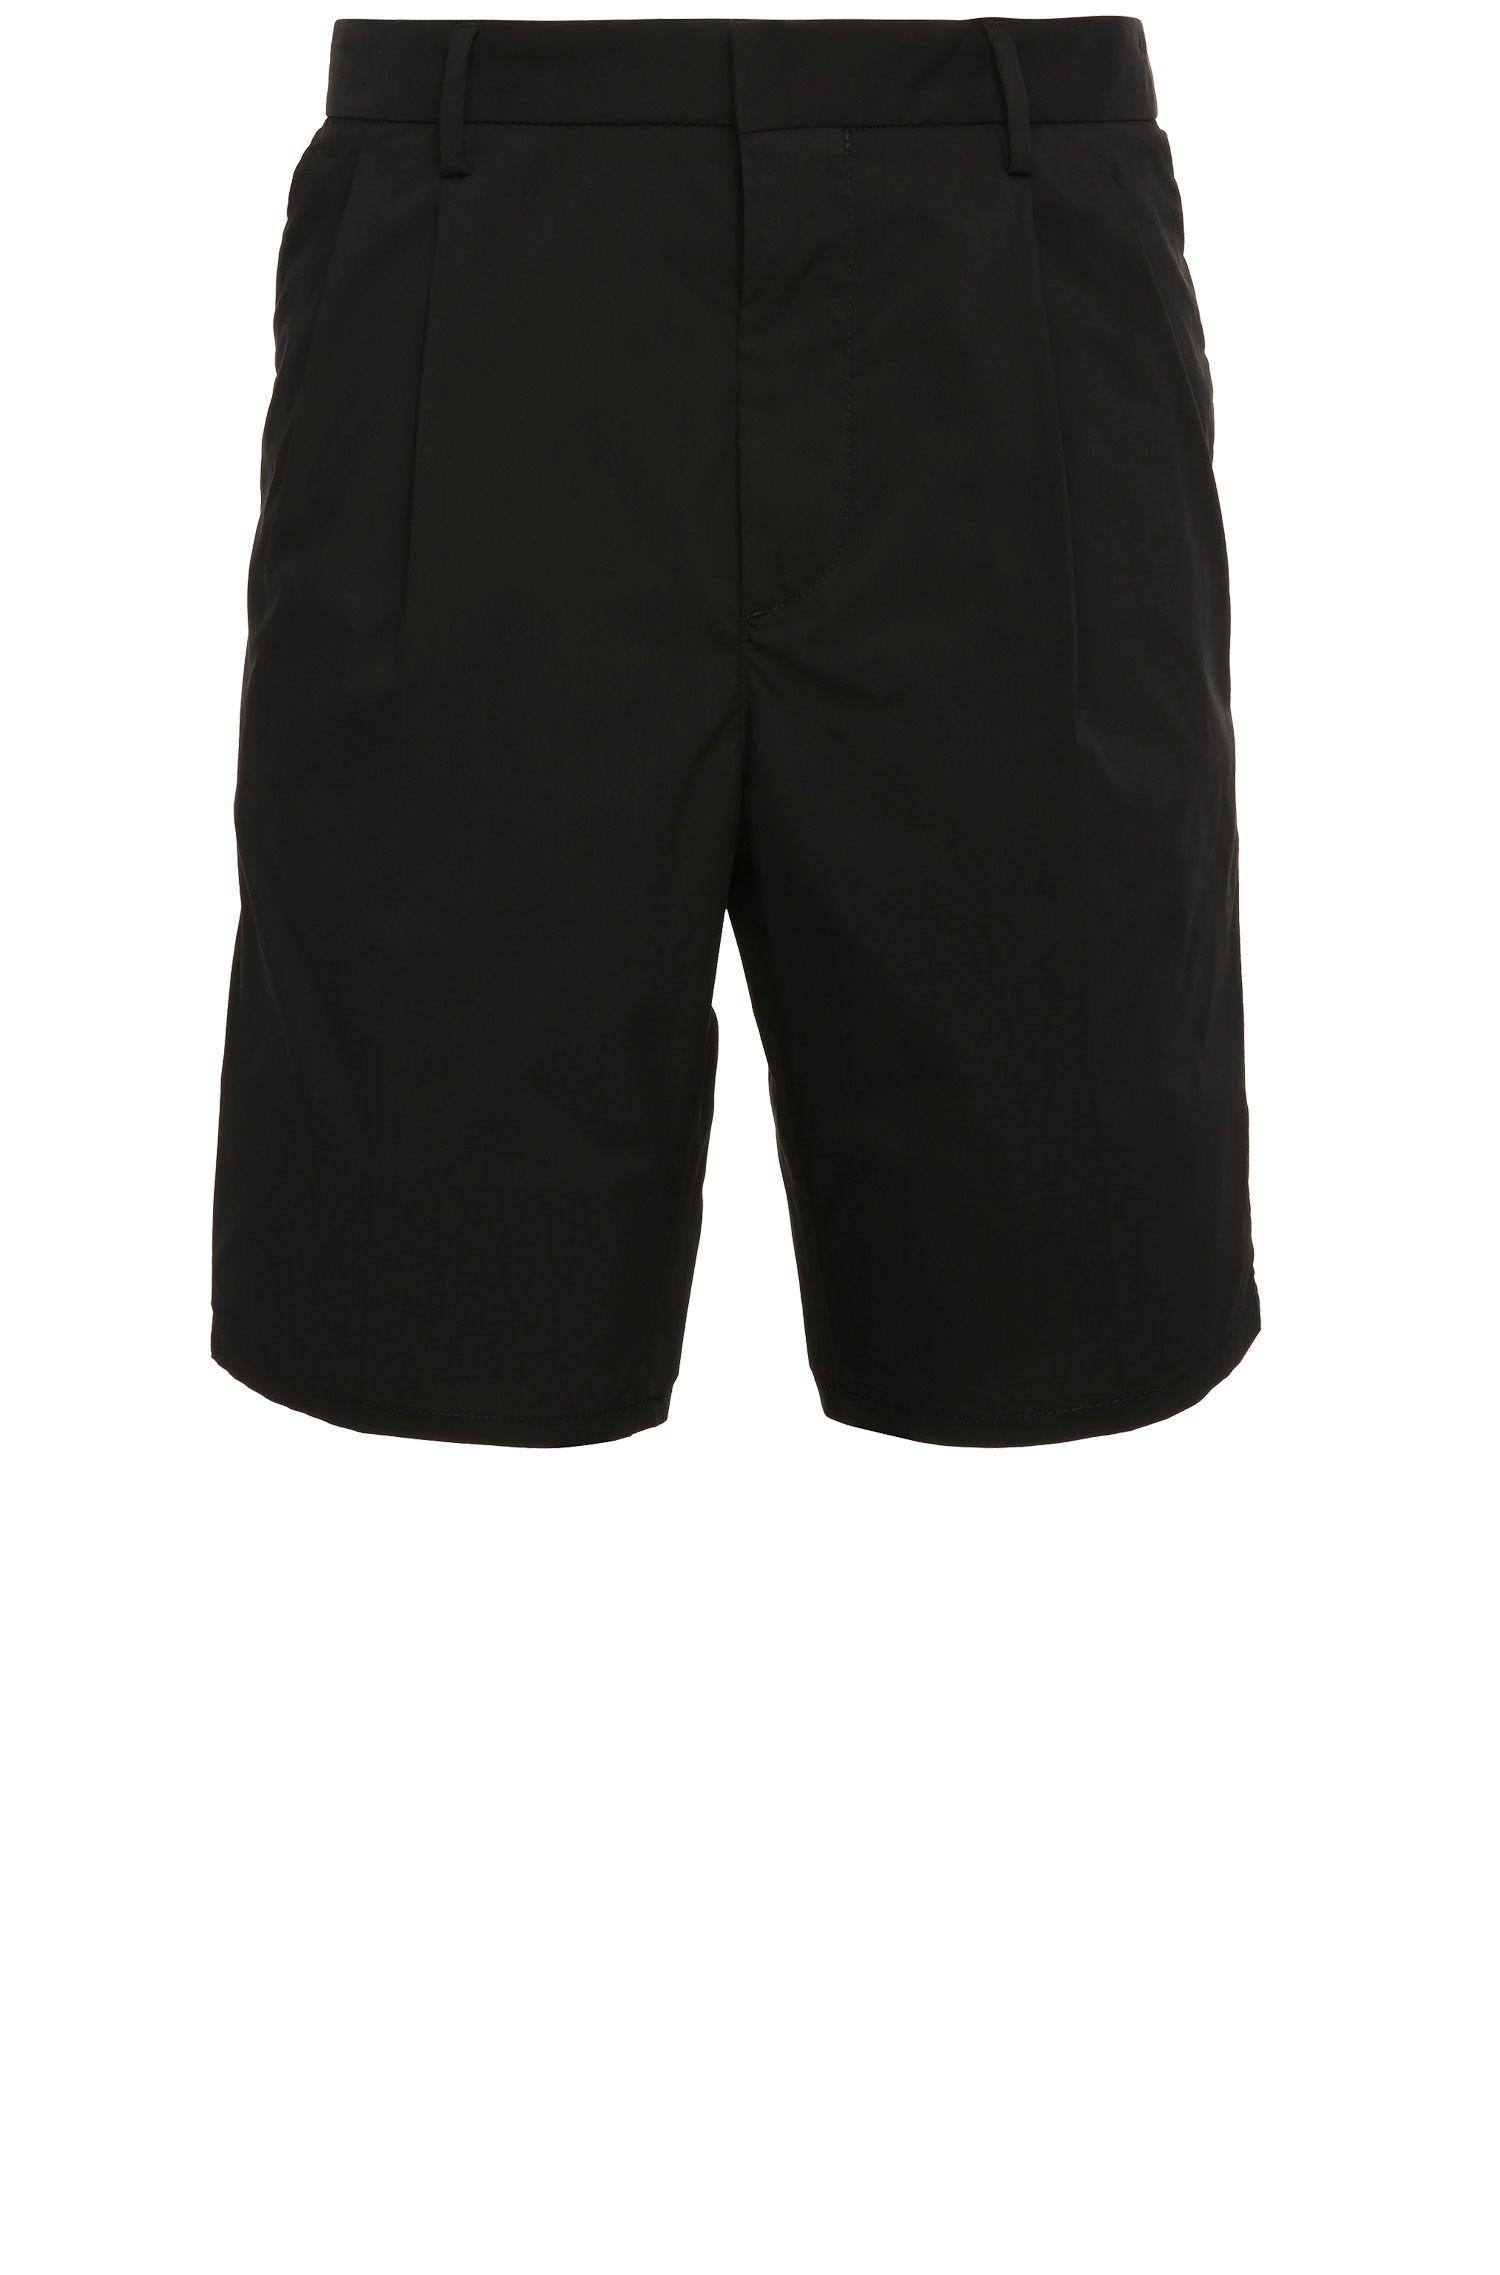 Shorts lisos tapered fit en mezcla de algodón: 'Greyson-Shorts'